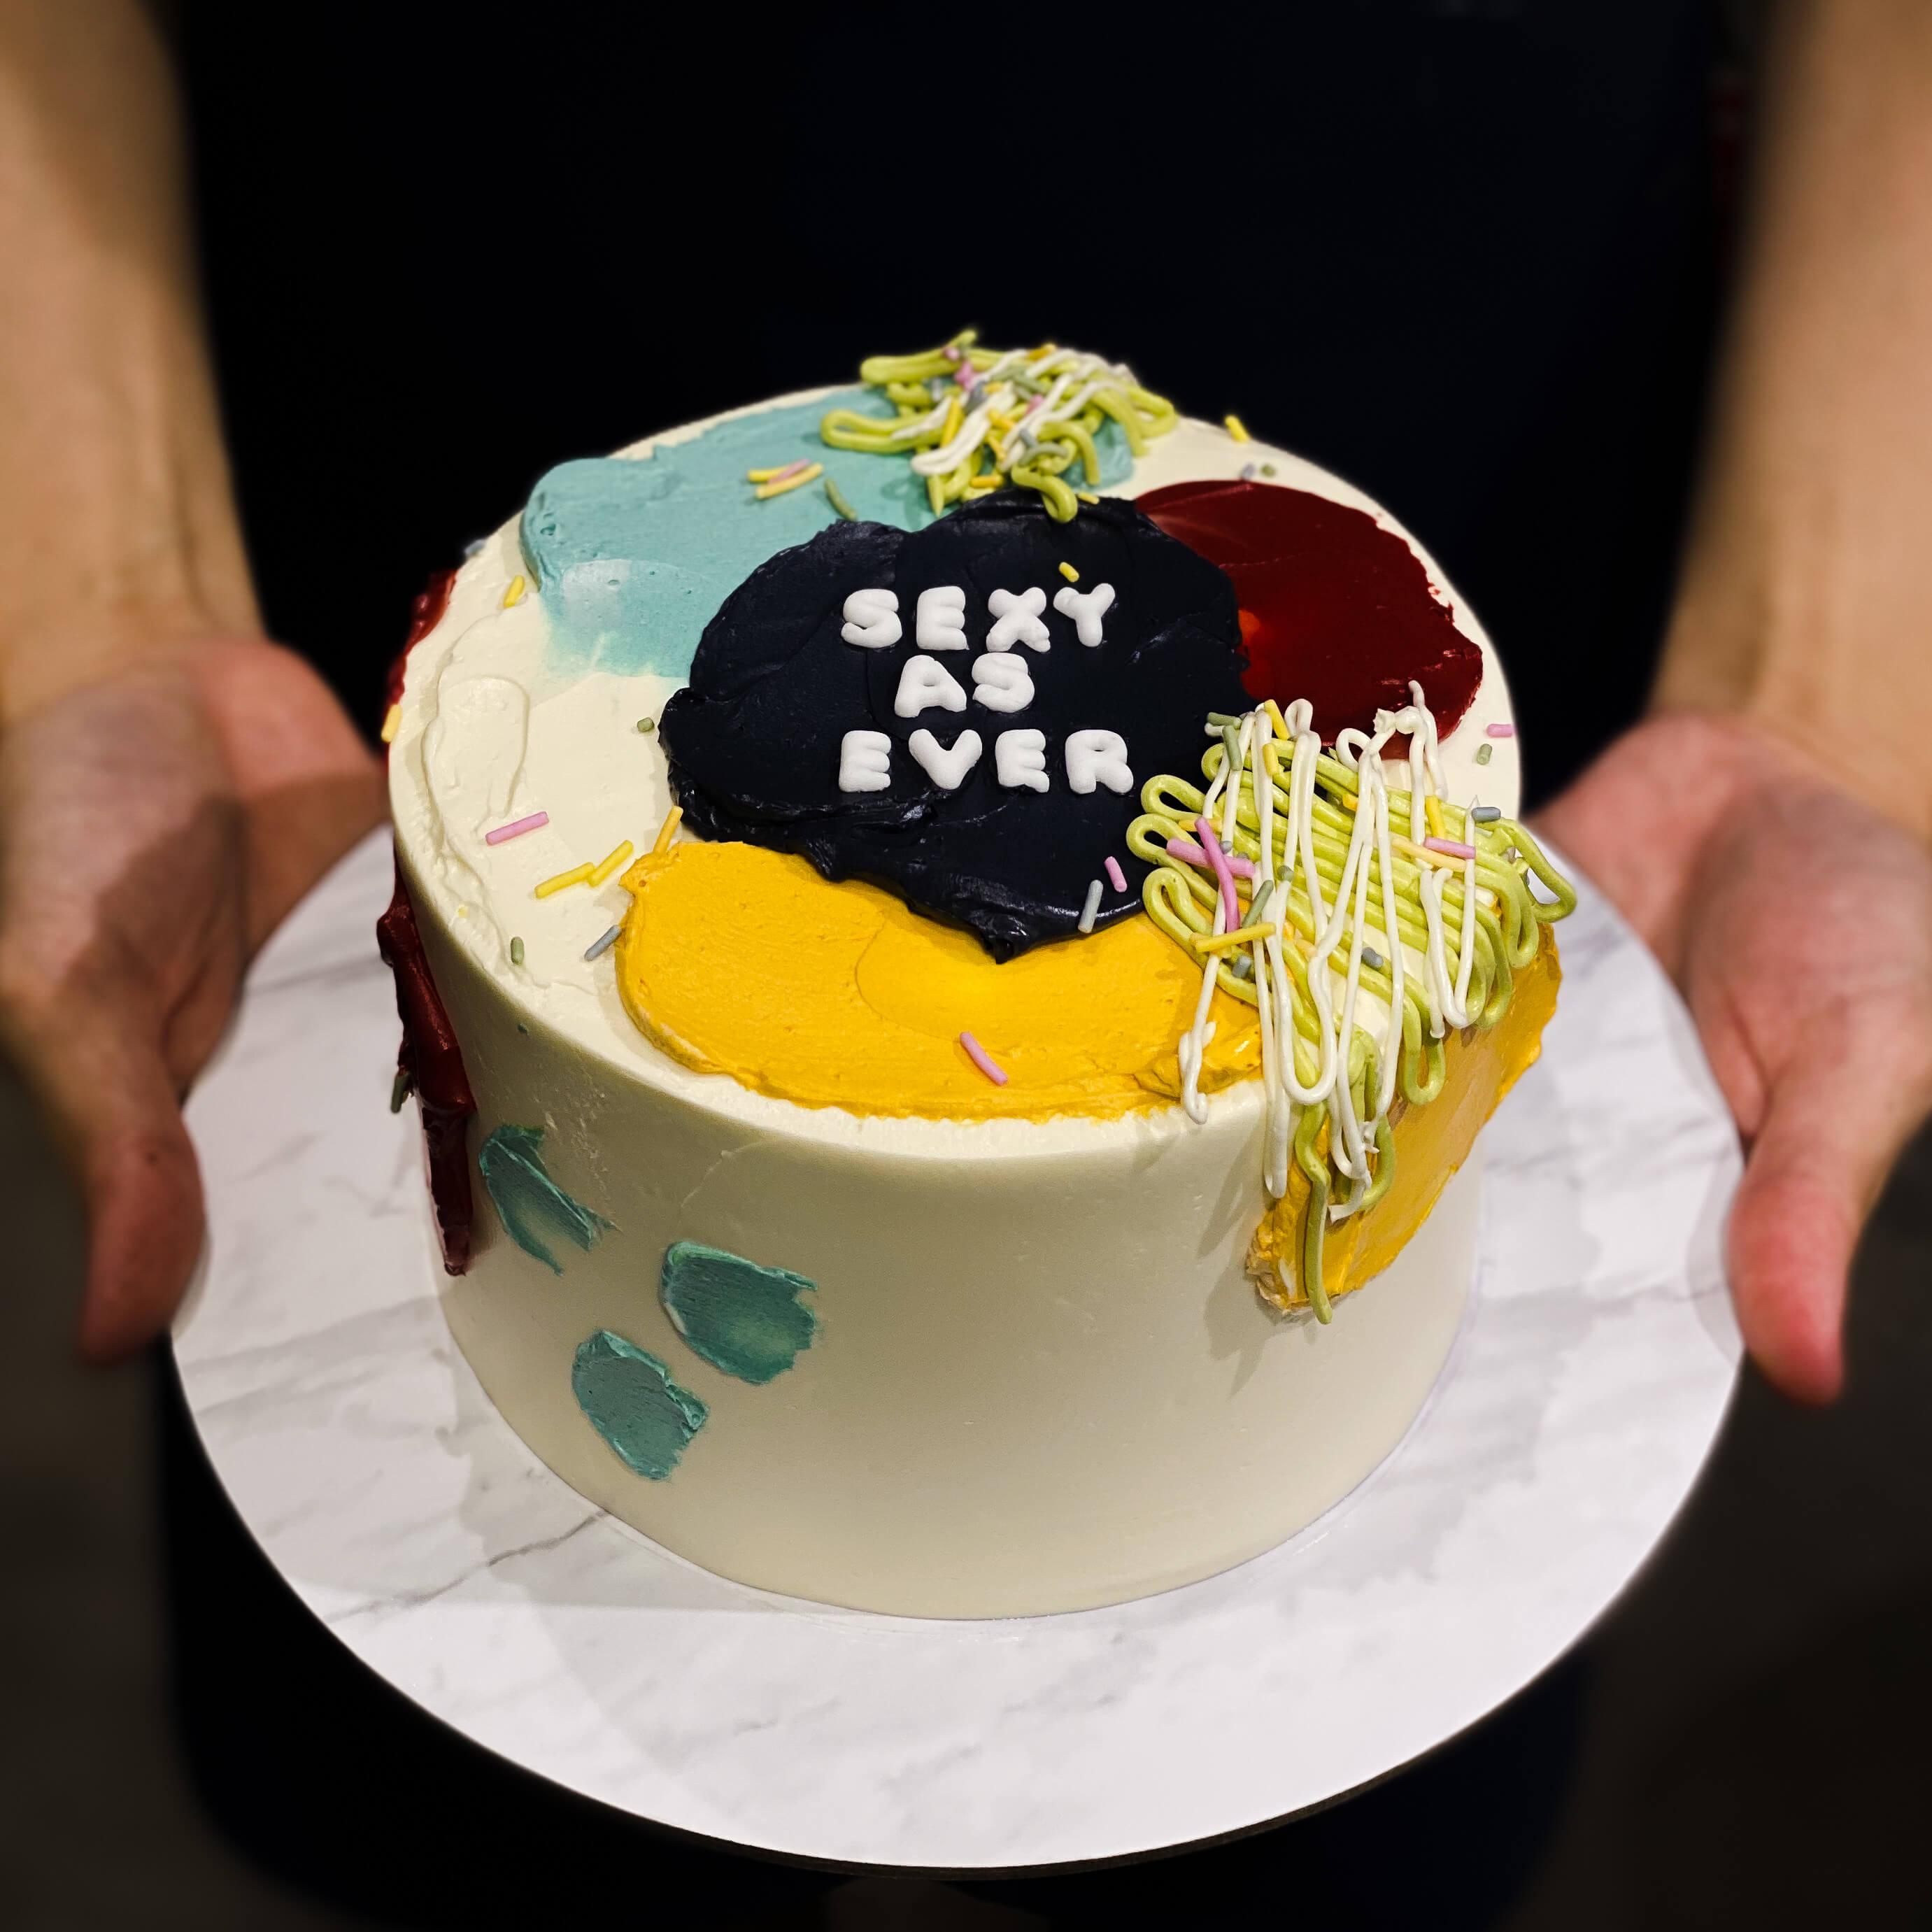 Remarkable Customised Korean Cakes Singapore Bob The Baker Boy Personalised Birthday Cards Epsylily Jamesorg